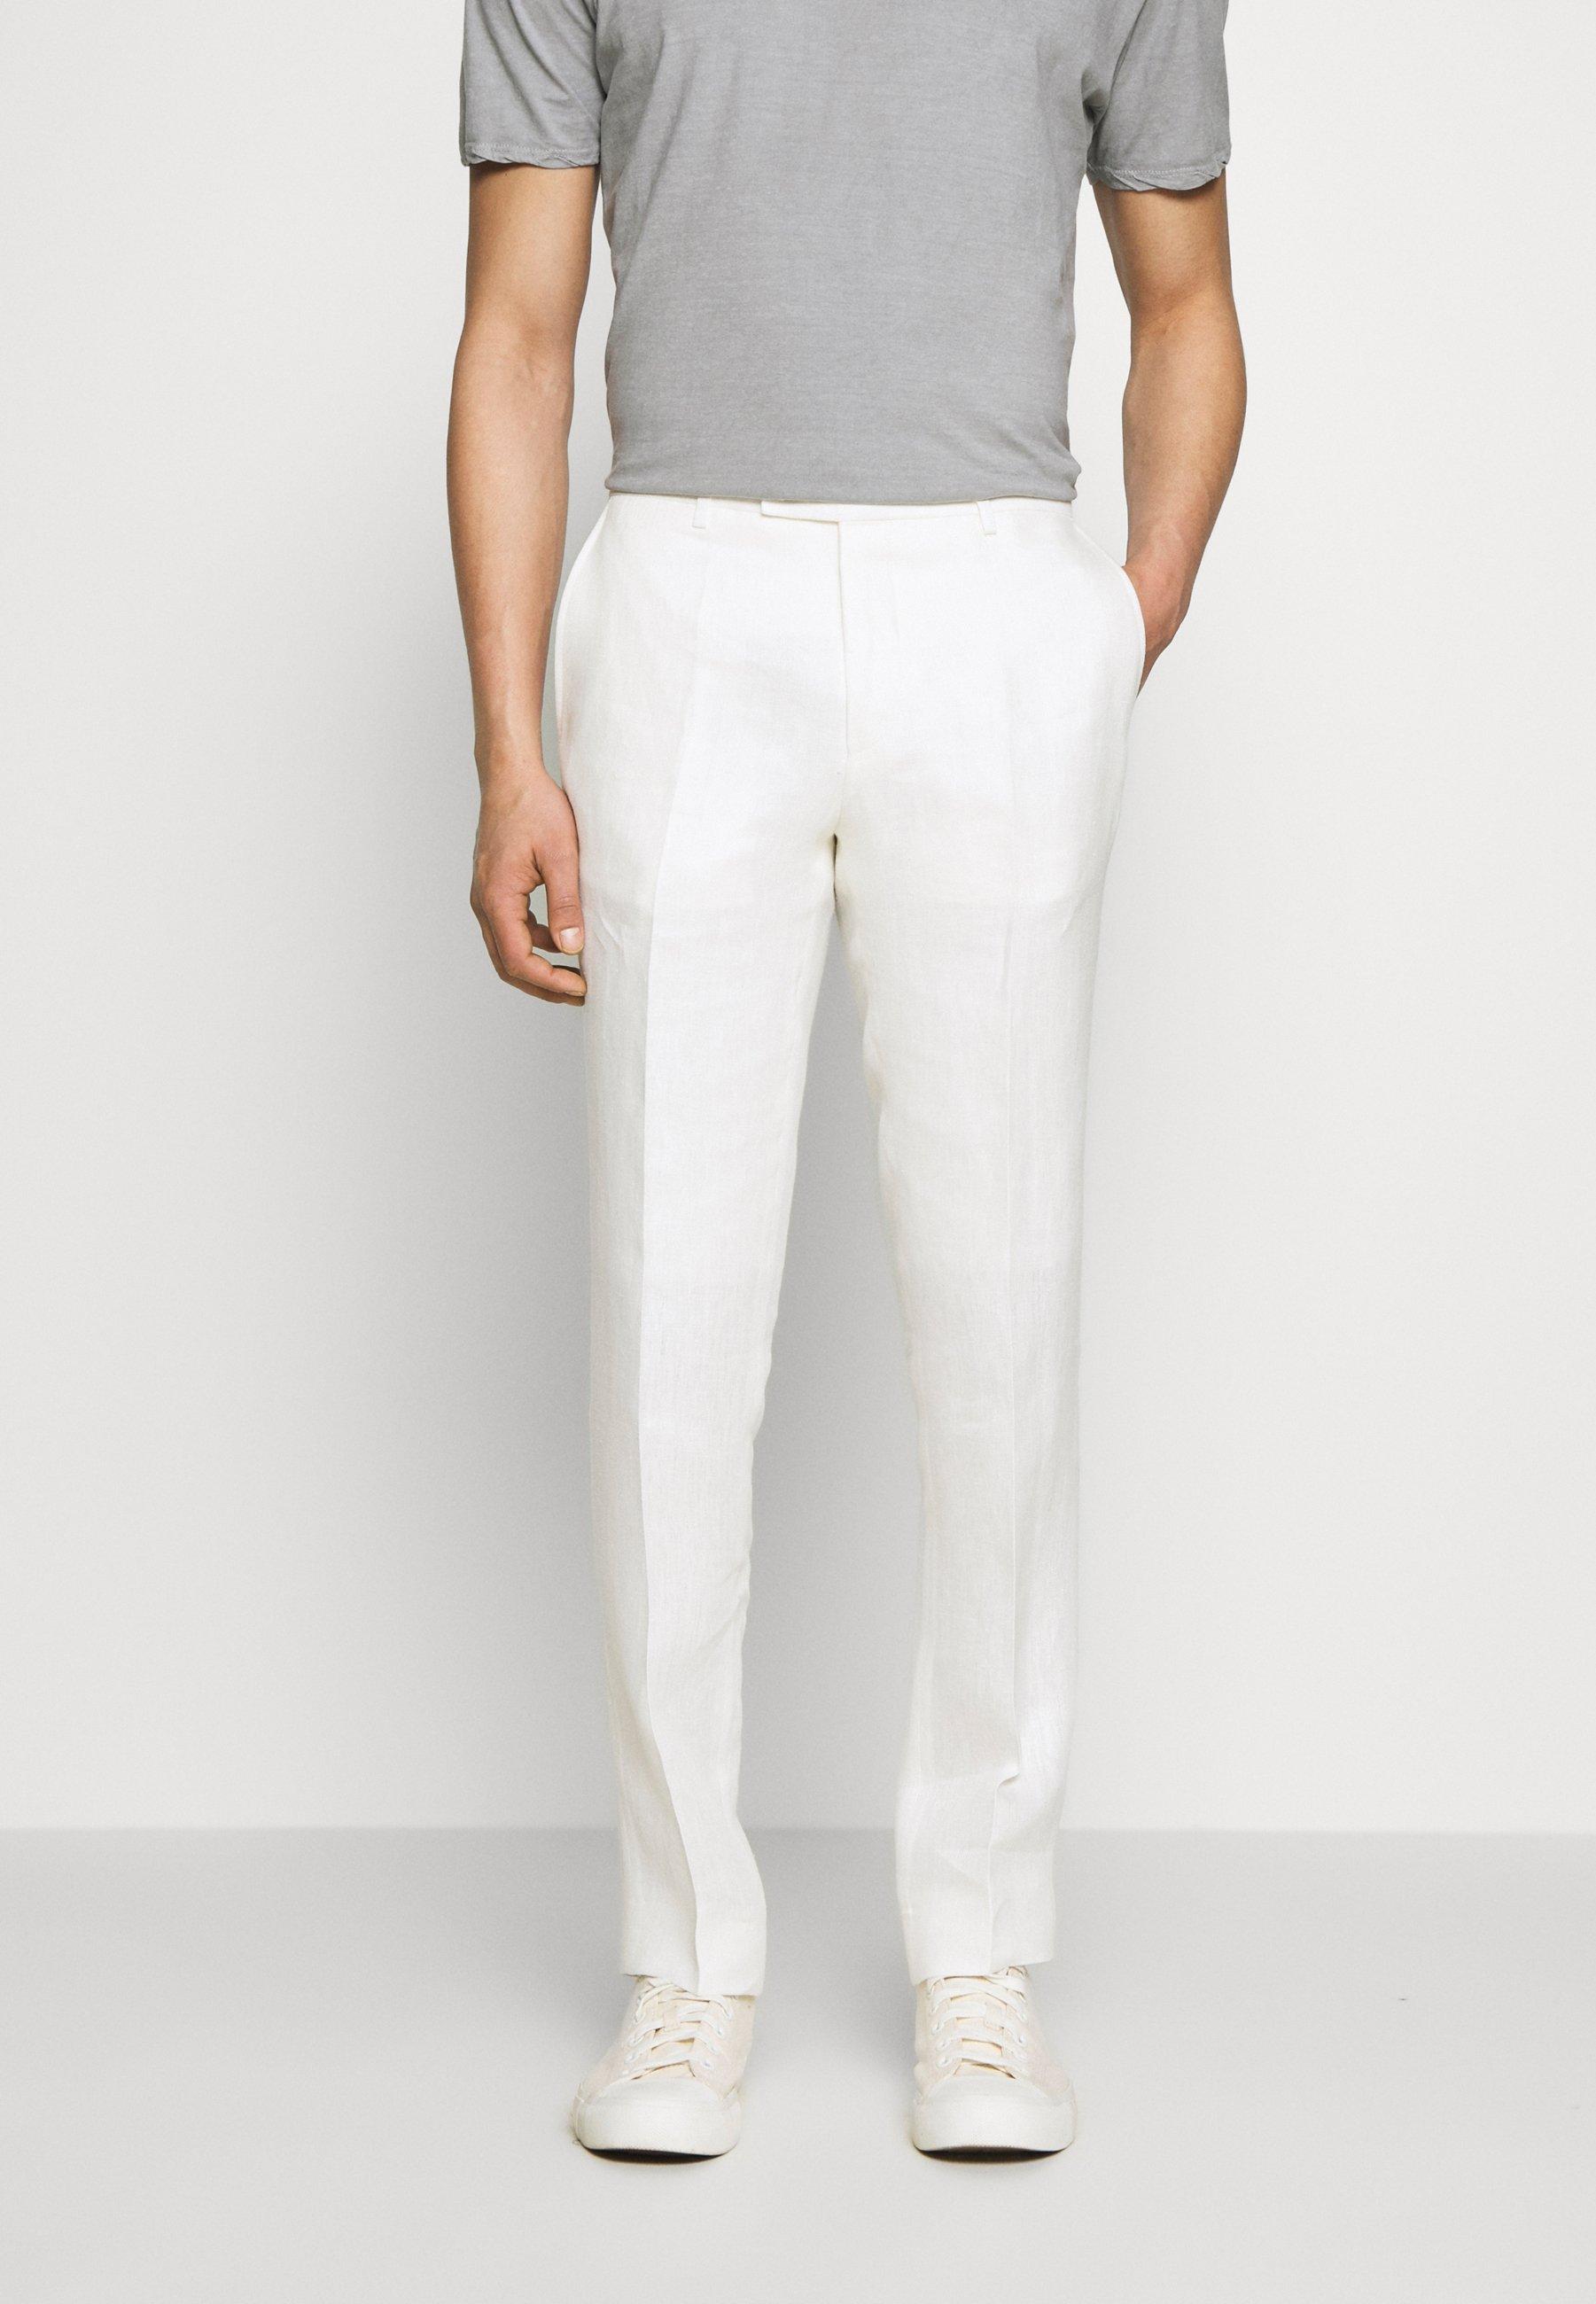 Herrkläder & herrskor online shoppa nu |